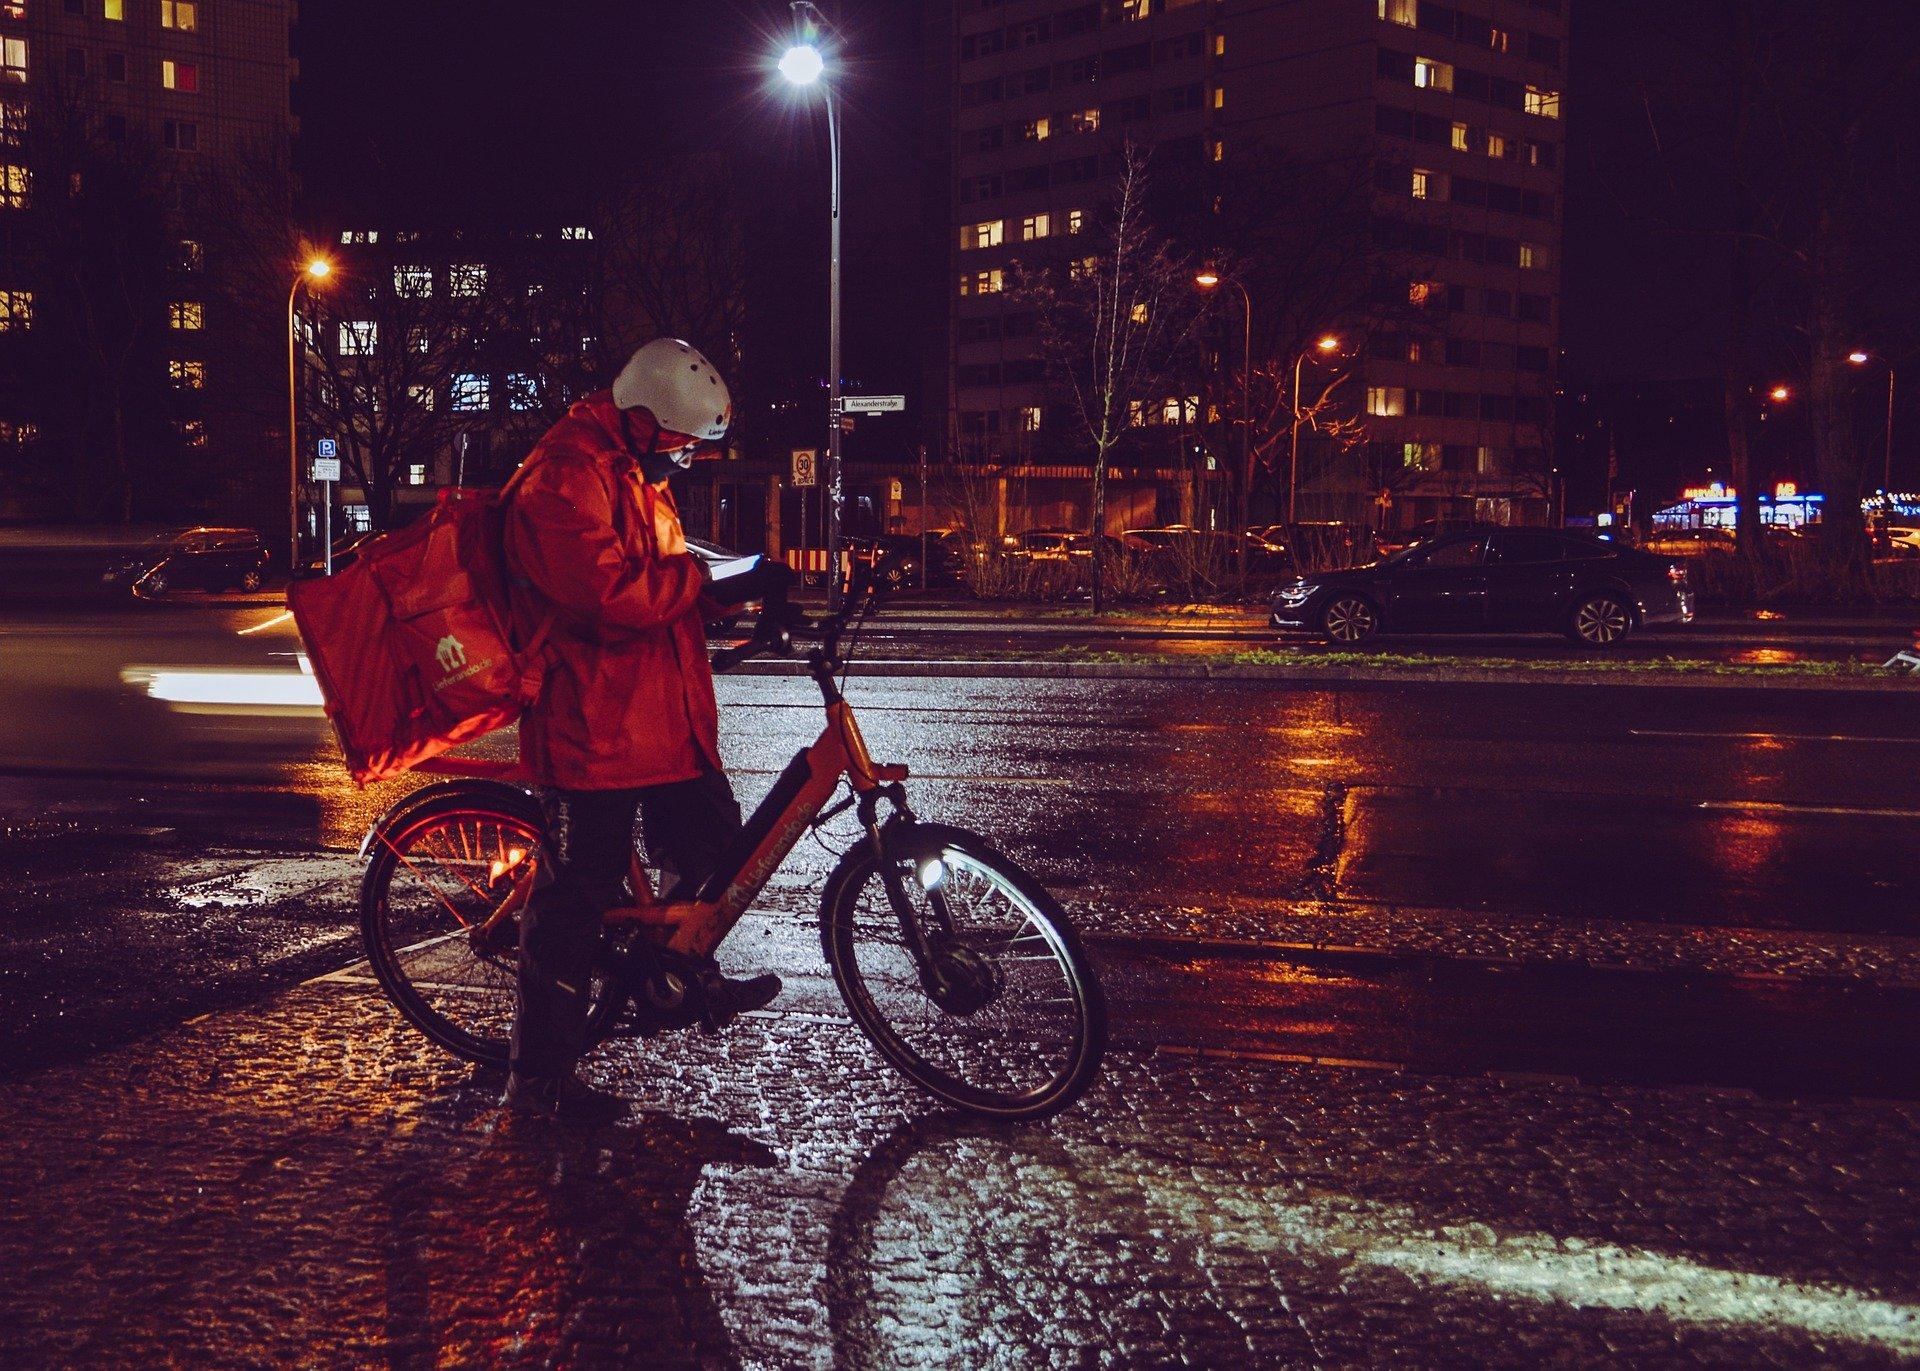 """Плюсы и минусы работы на тарифах """"доставка"""" и """"курьер"""" в Яндекс такси"""